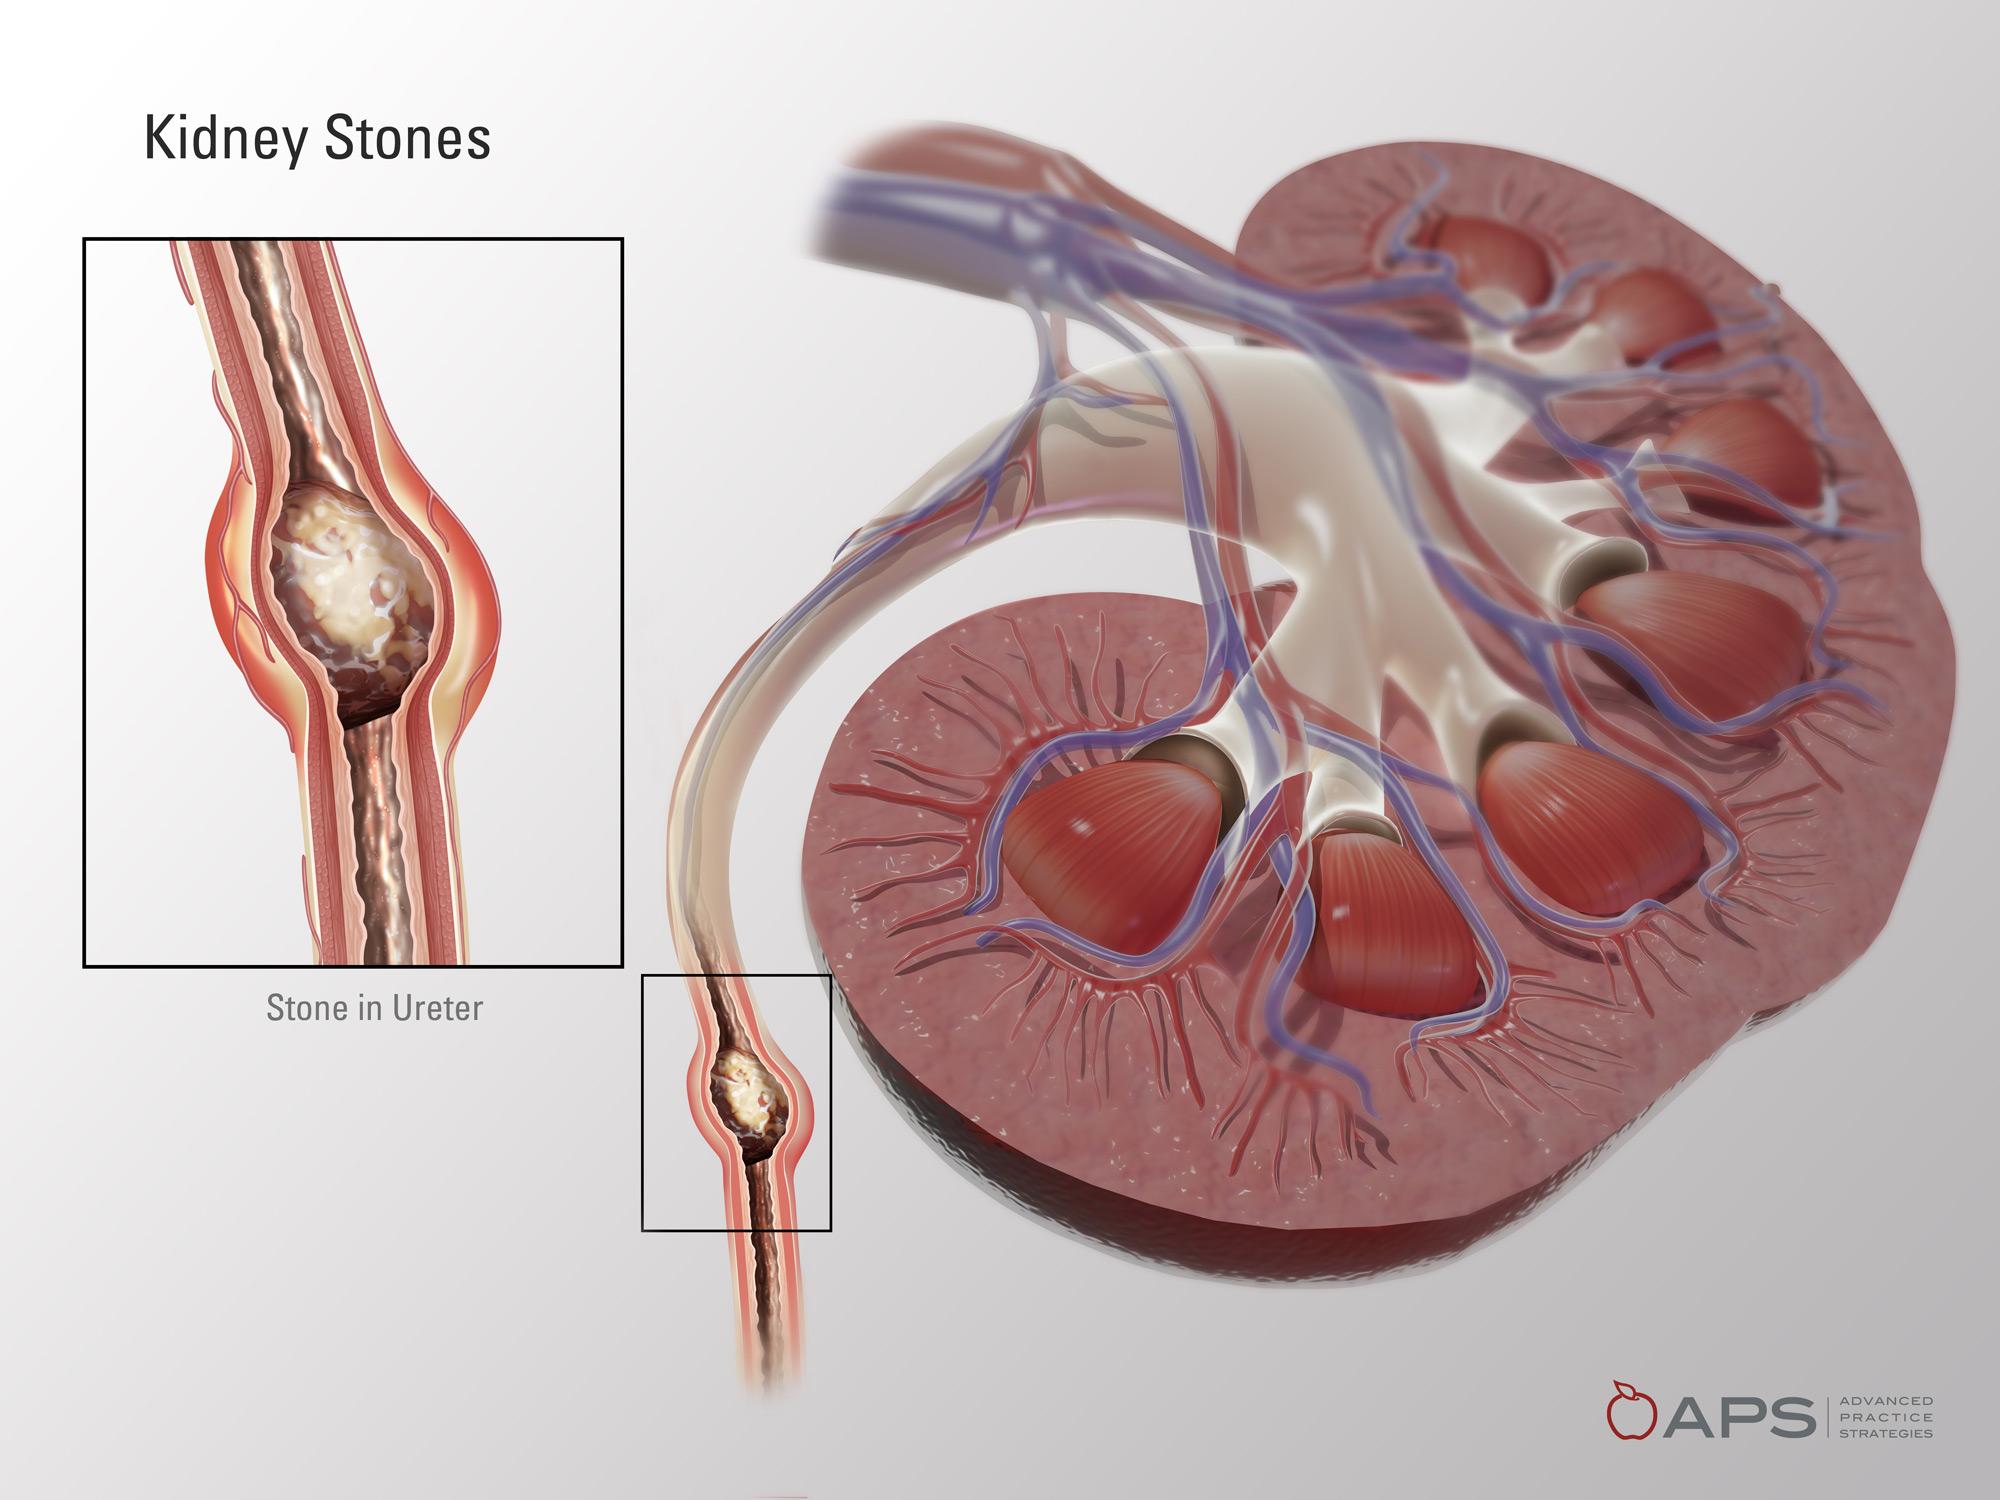 Kidney Stone 1